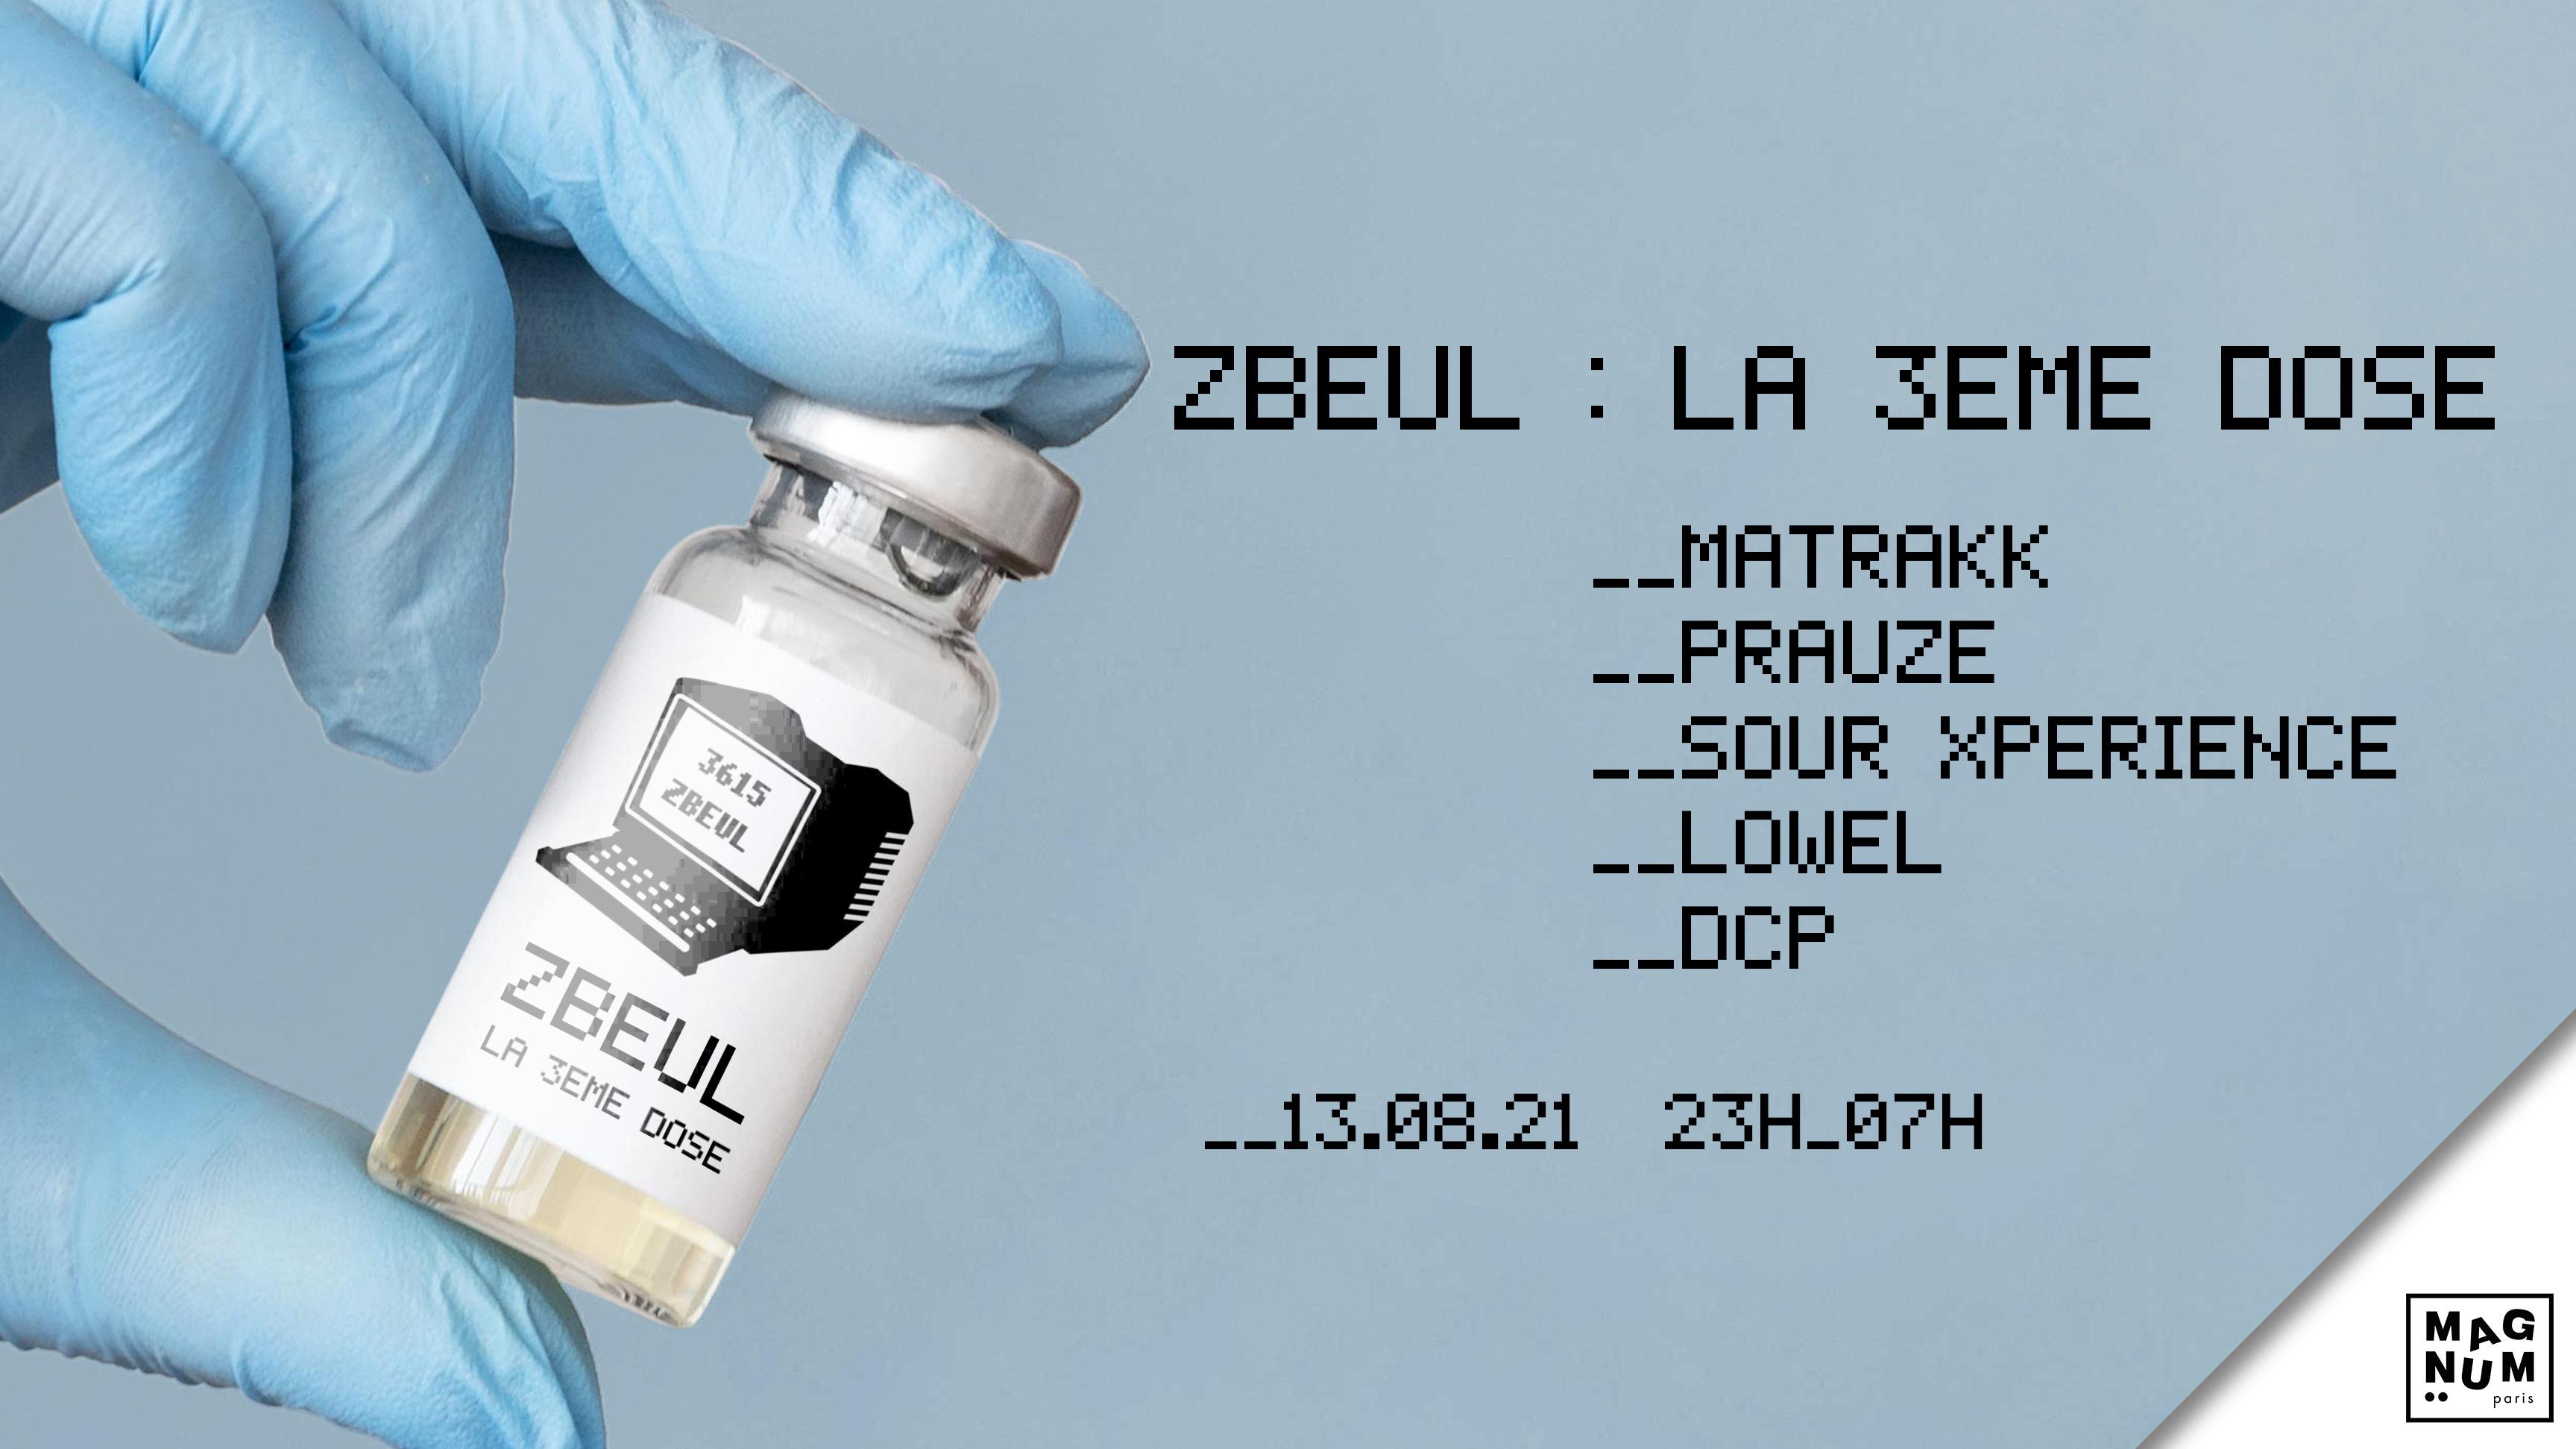 3615 ZBEUL : La 3ème dose